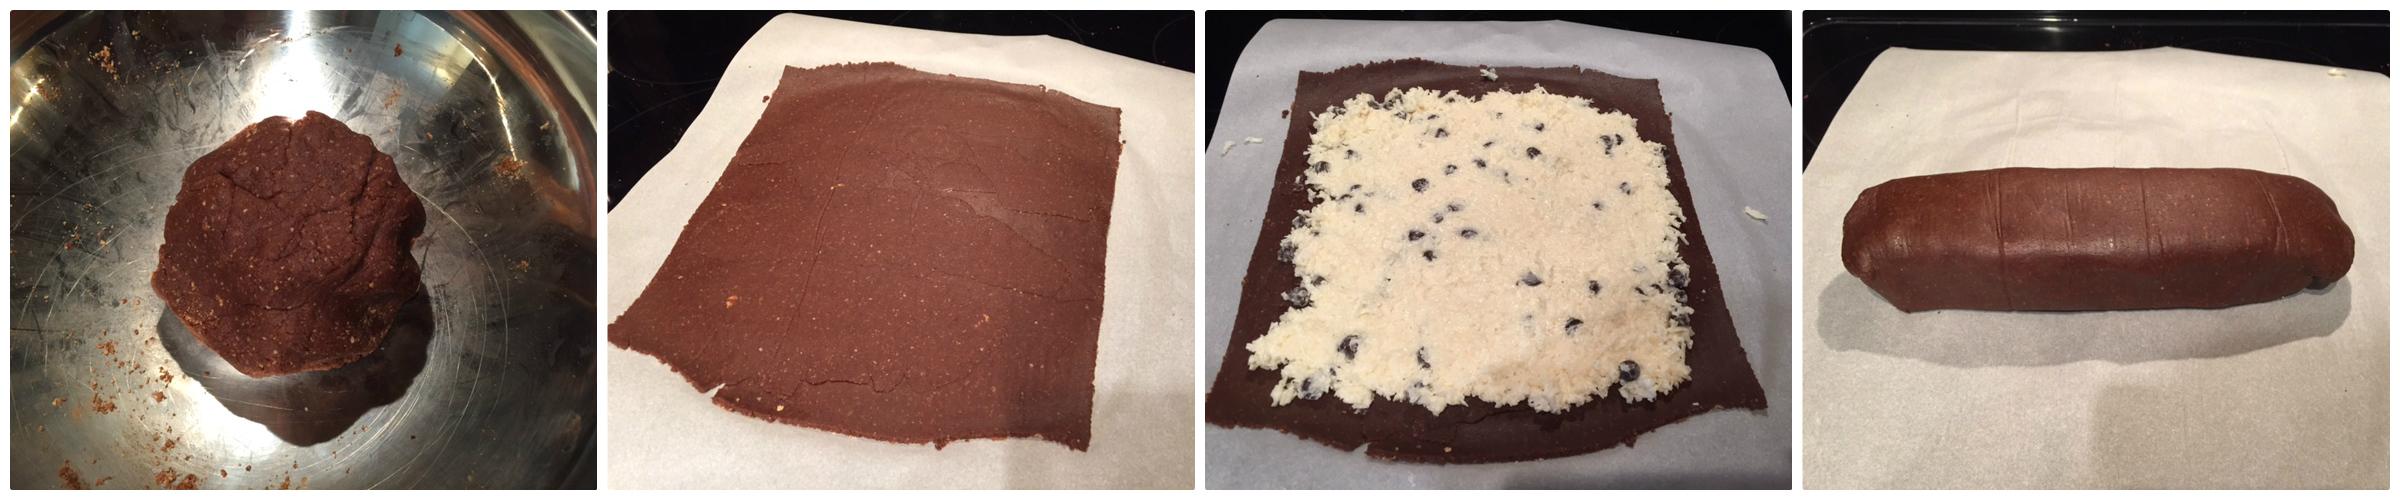 rotolo al cocco e cacao